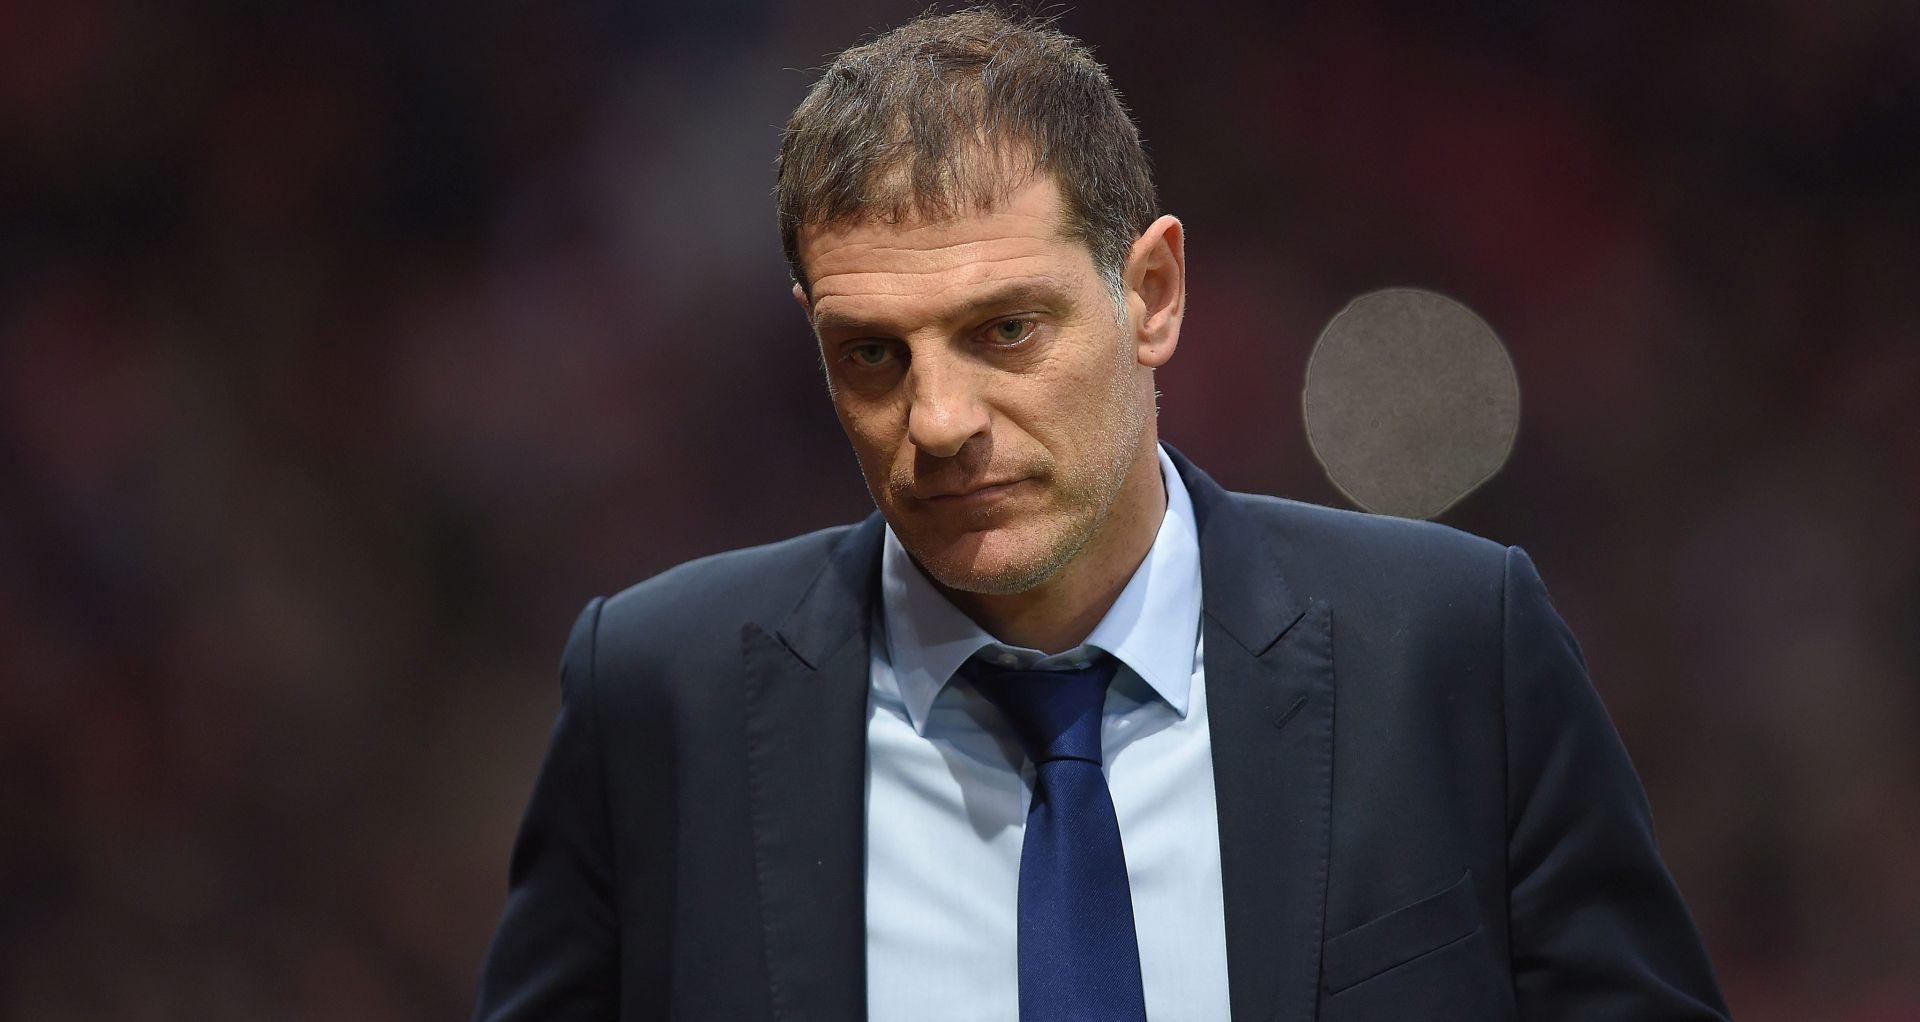 """BILIĆ NAKON VELIKE POBJEDE """"Današnja utakmica još je jedan dokaz zašto je engleski nogomet toliko atraktivan i dobar"""""""